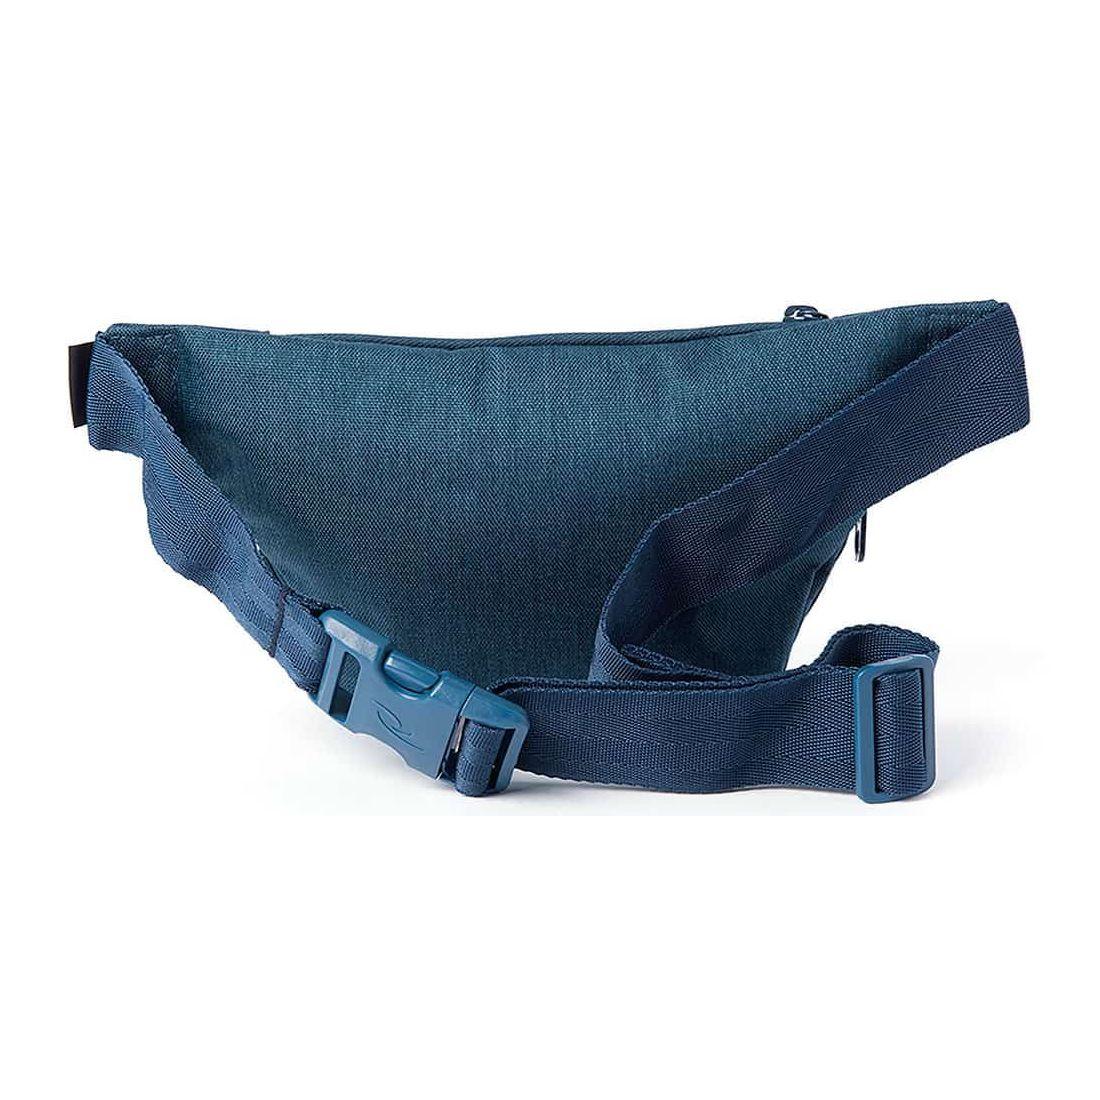 Mochilas - Bolsas - Rip Curl Riñonera Cordura Large Azul azul Running